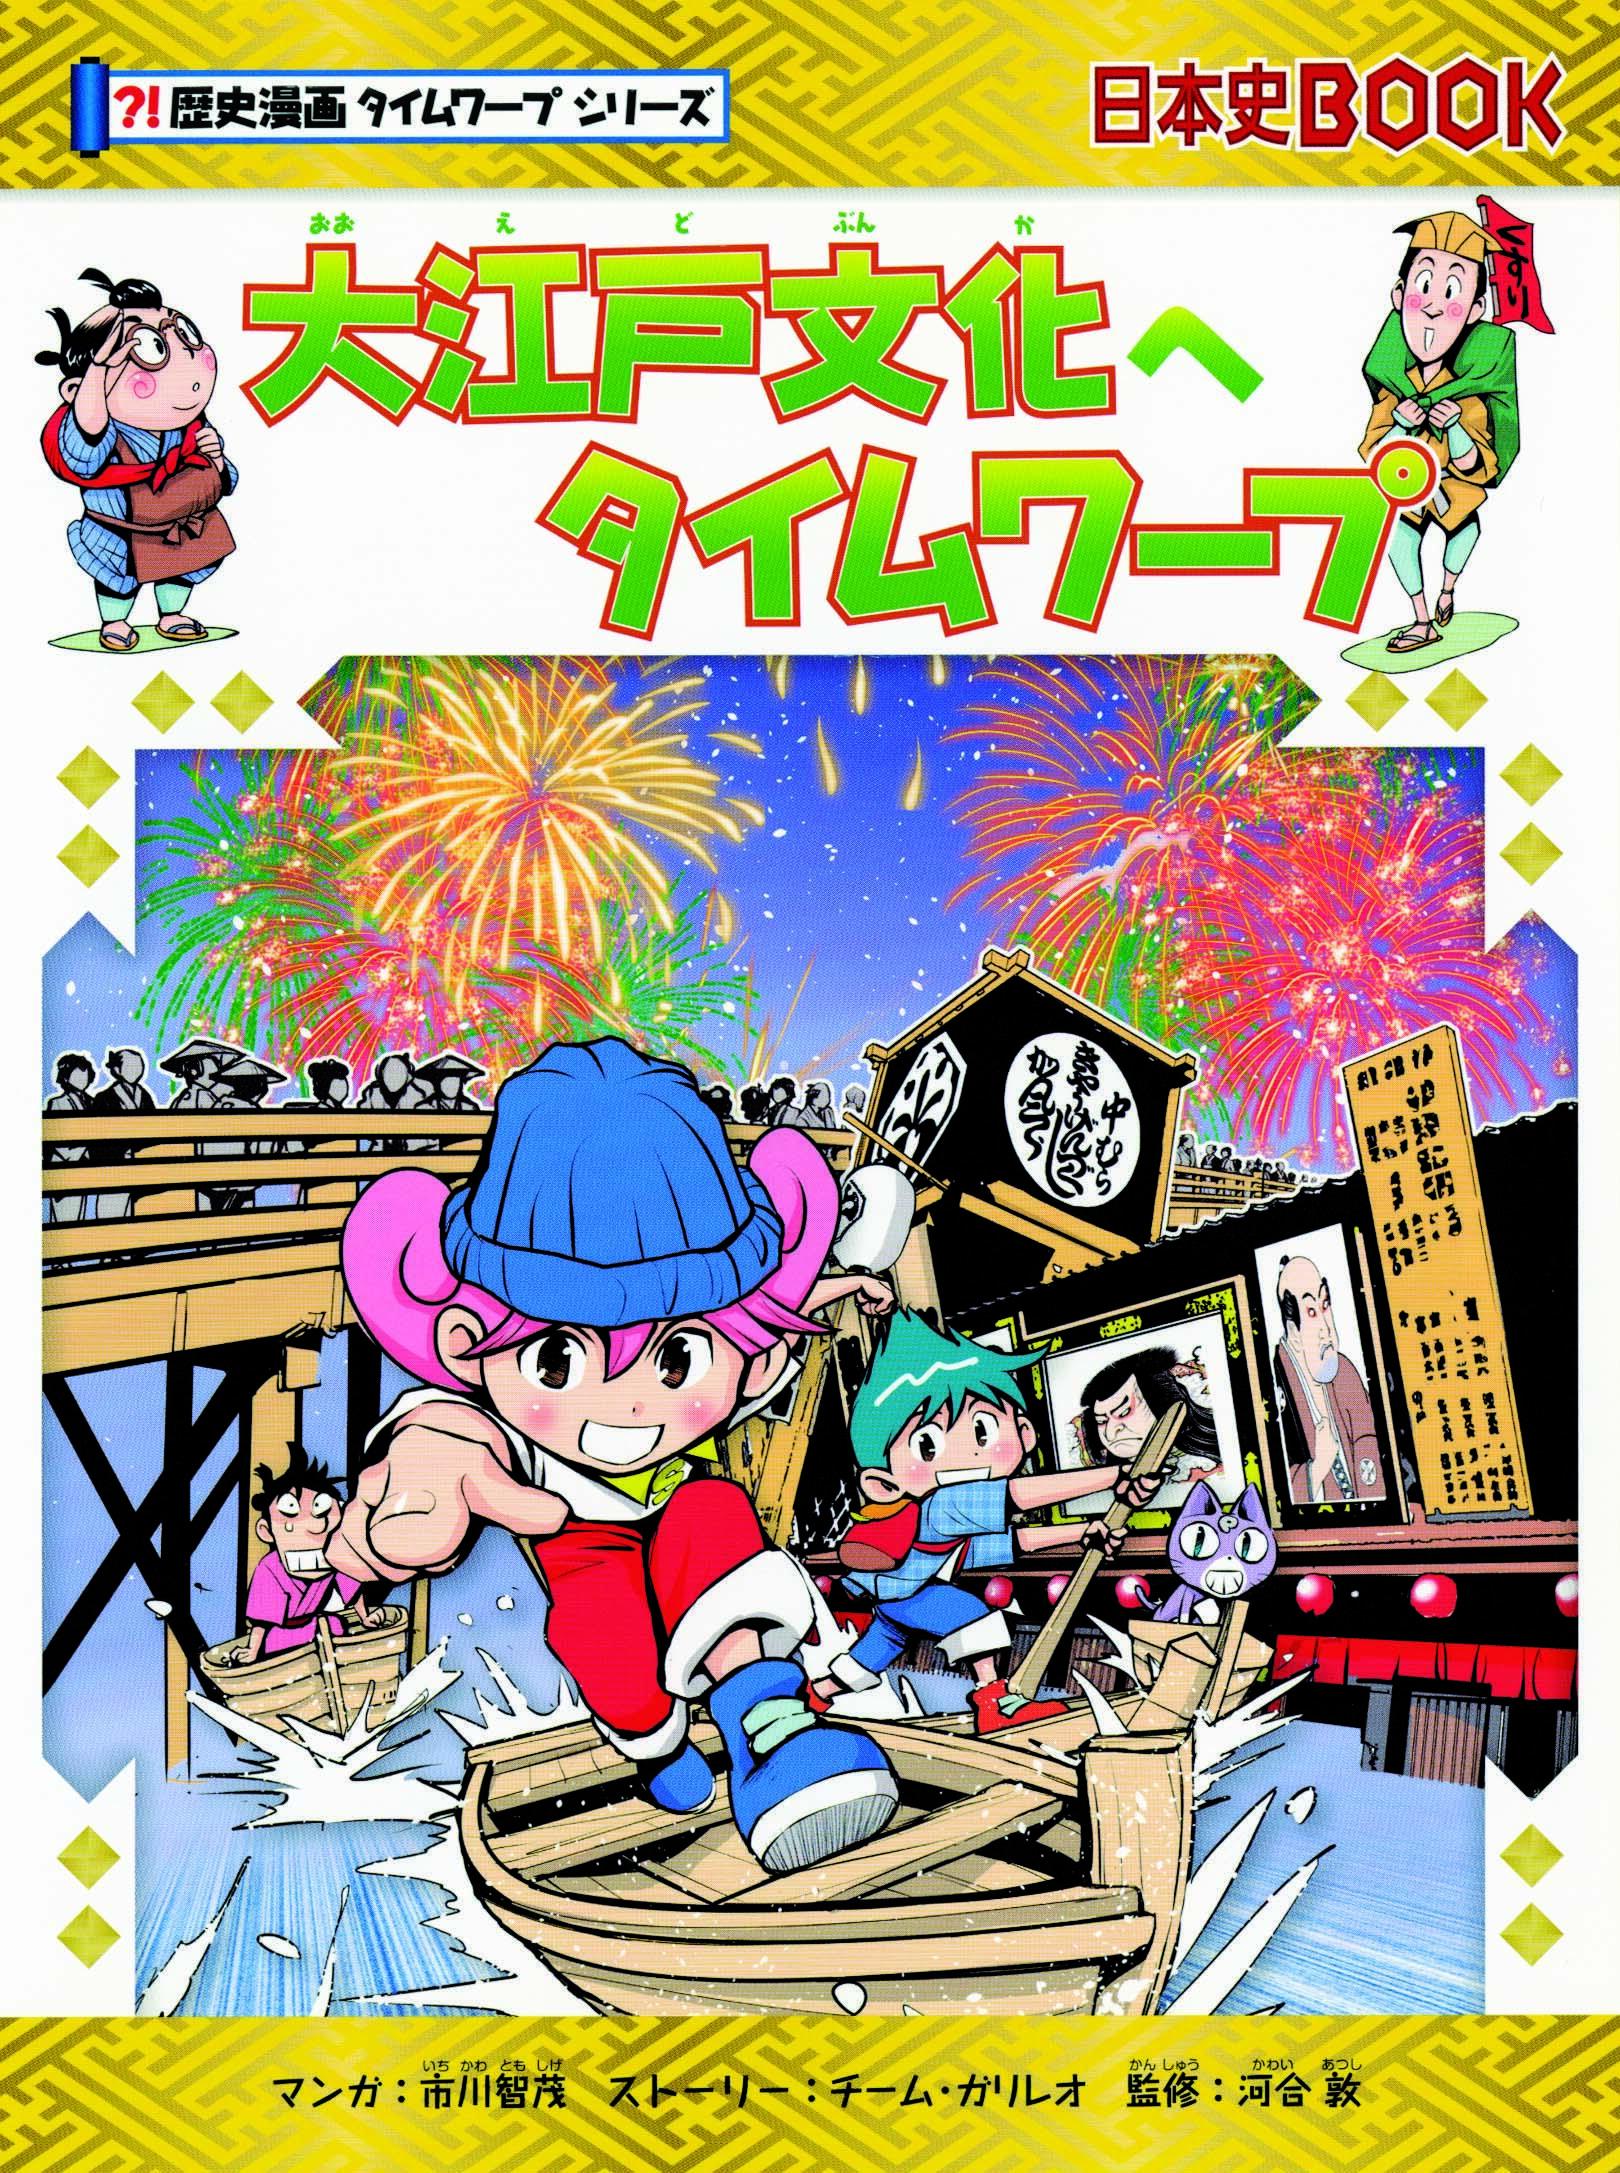 大江戸文化へタイムワープ